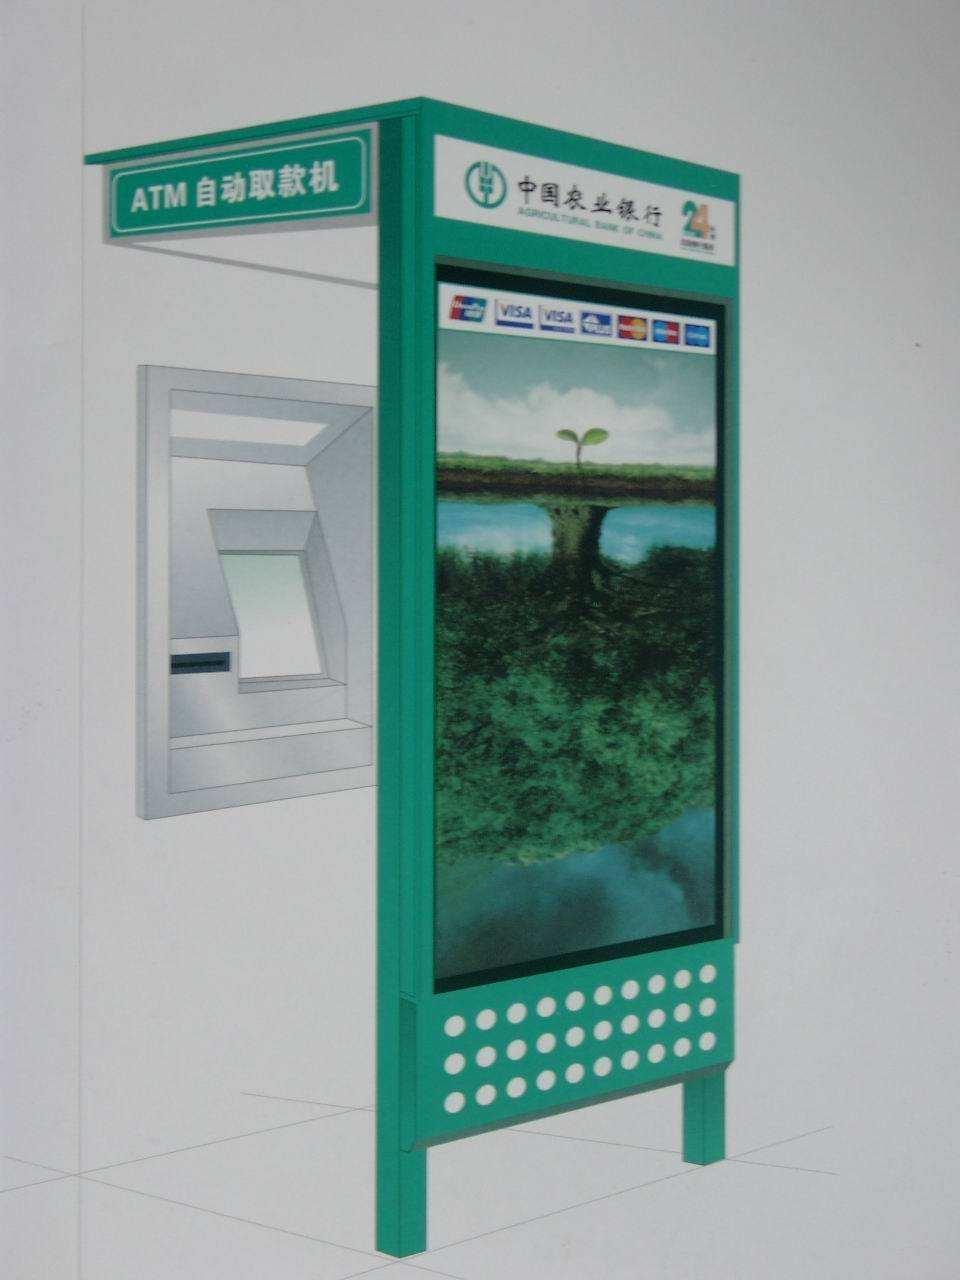 宣武ATM防护罩生产厂家